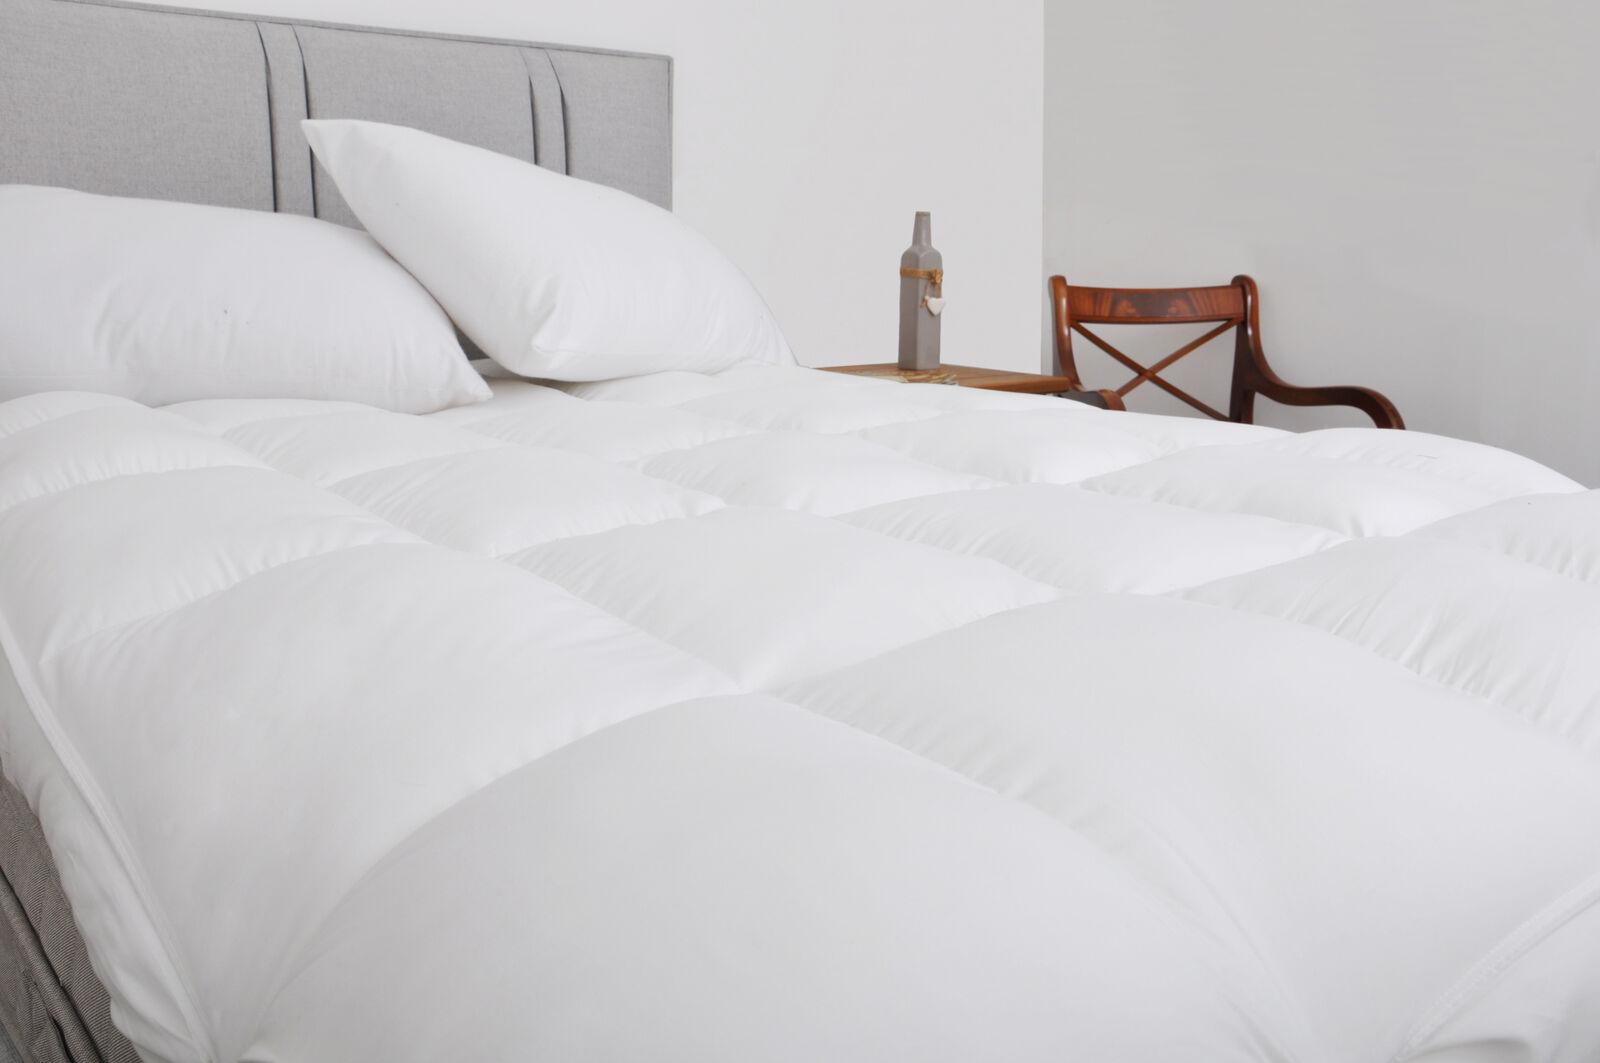 4 Inch 10cm Extra Deep Ultra Soft Mattress Topper Pure Cotton Casing - UK MADE